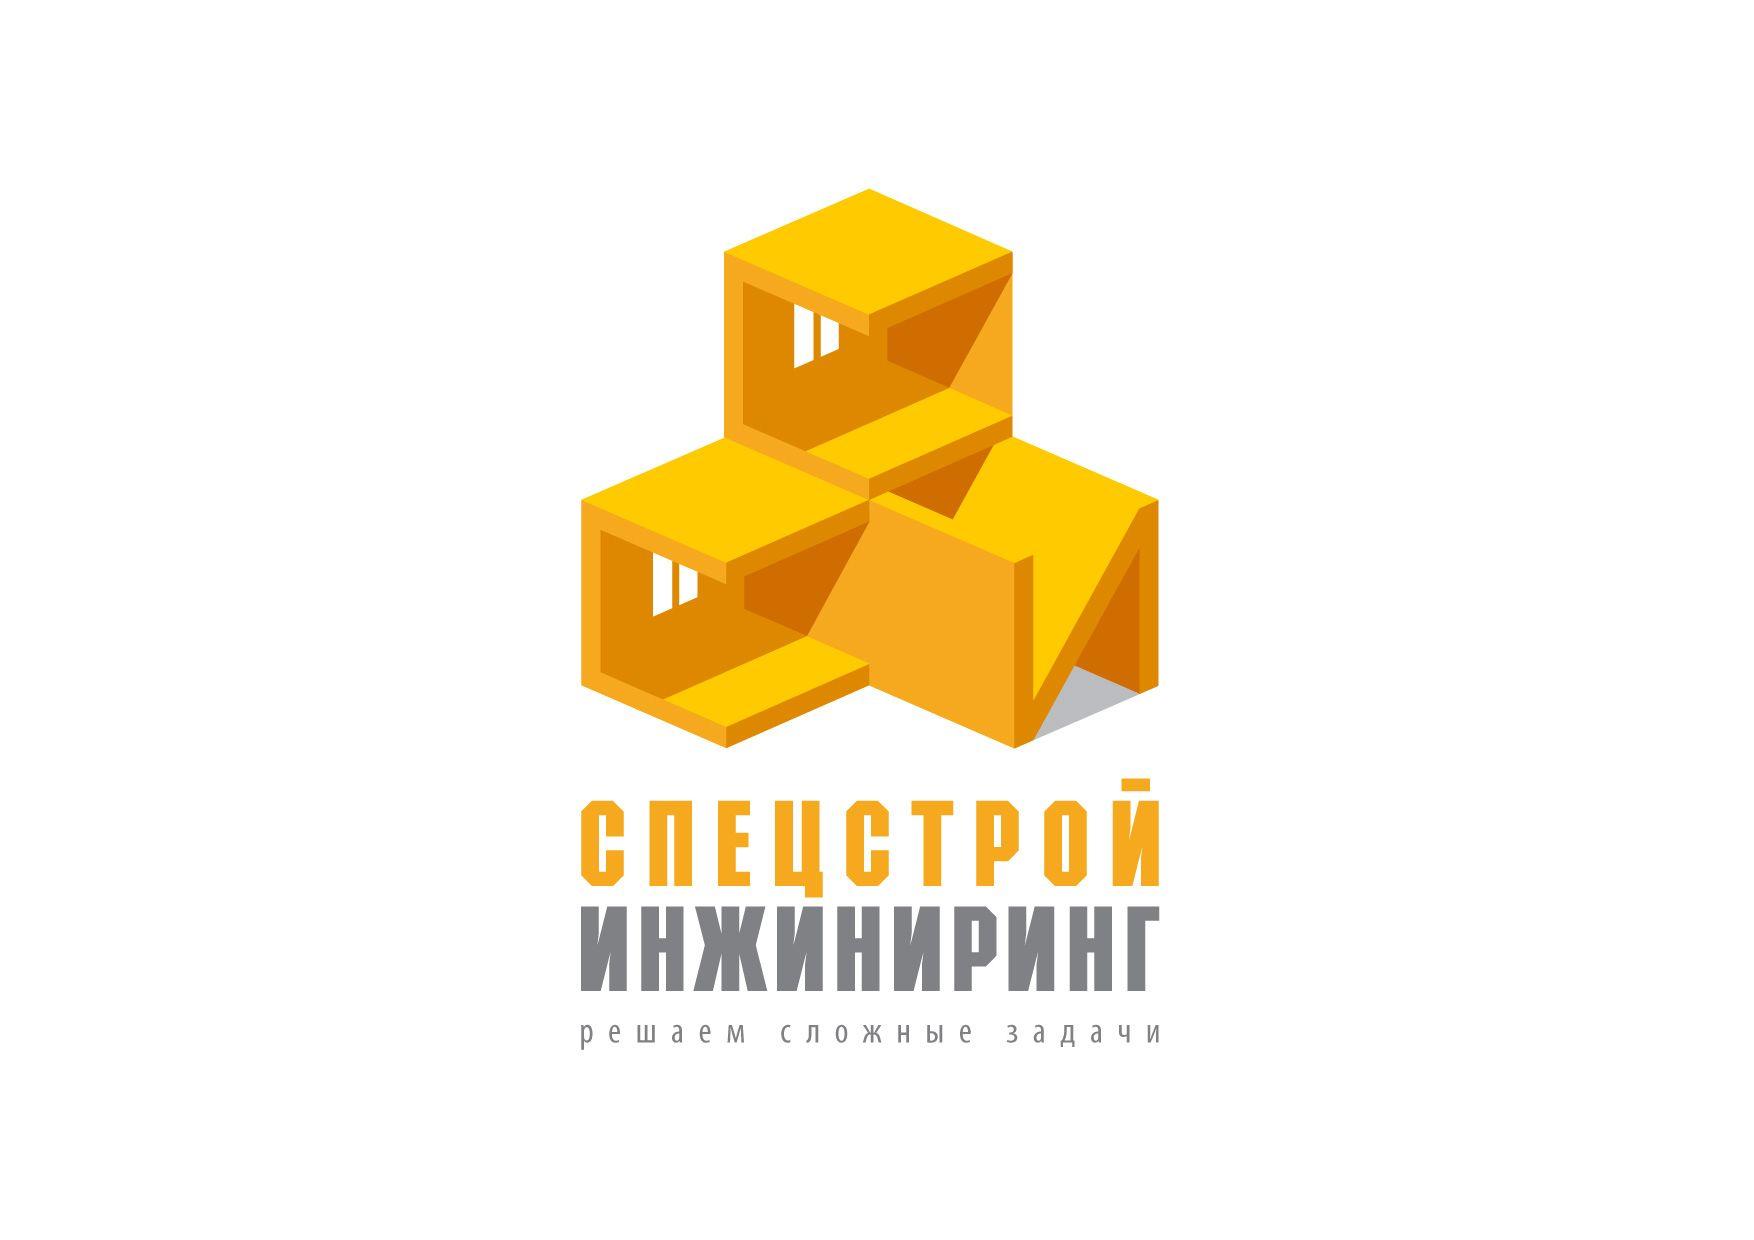 Логотип для строительной компании - дизайнер igor_kireyev